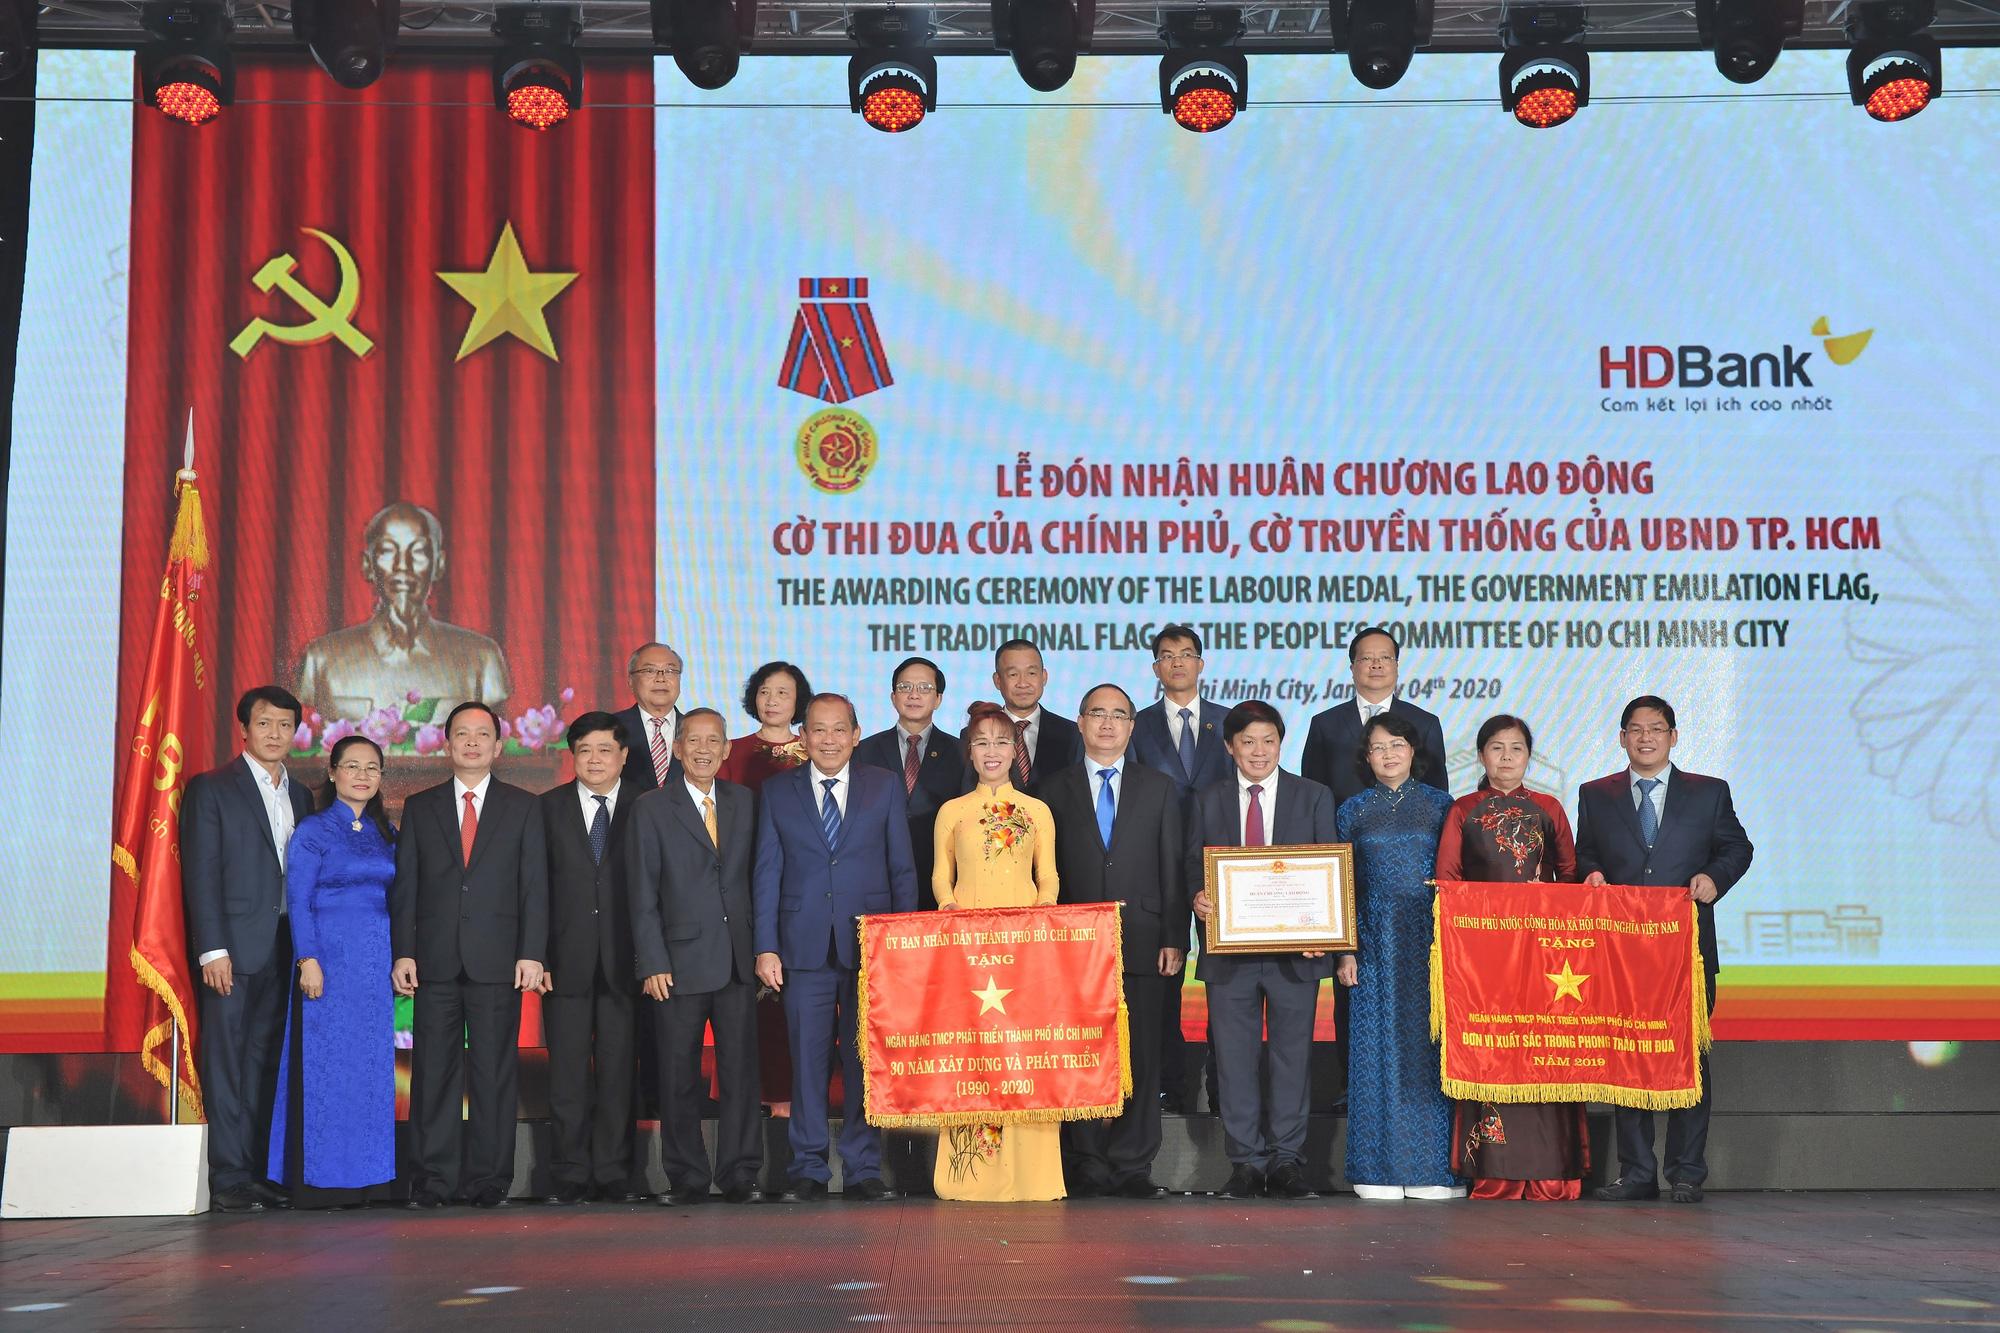 HDBank kỉ niệm 30 năm hoạt động: Ngày hội lớn hơn của 16.000 CBNV - Ảnh 3.